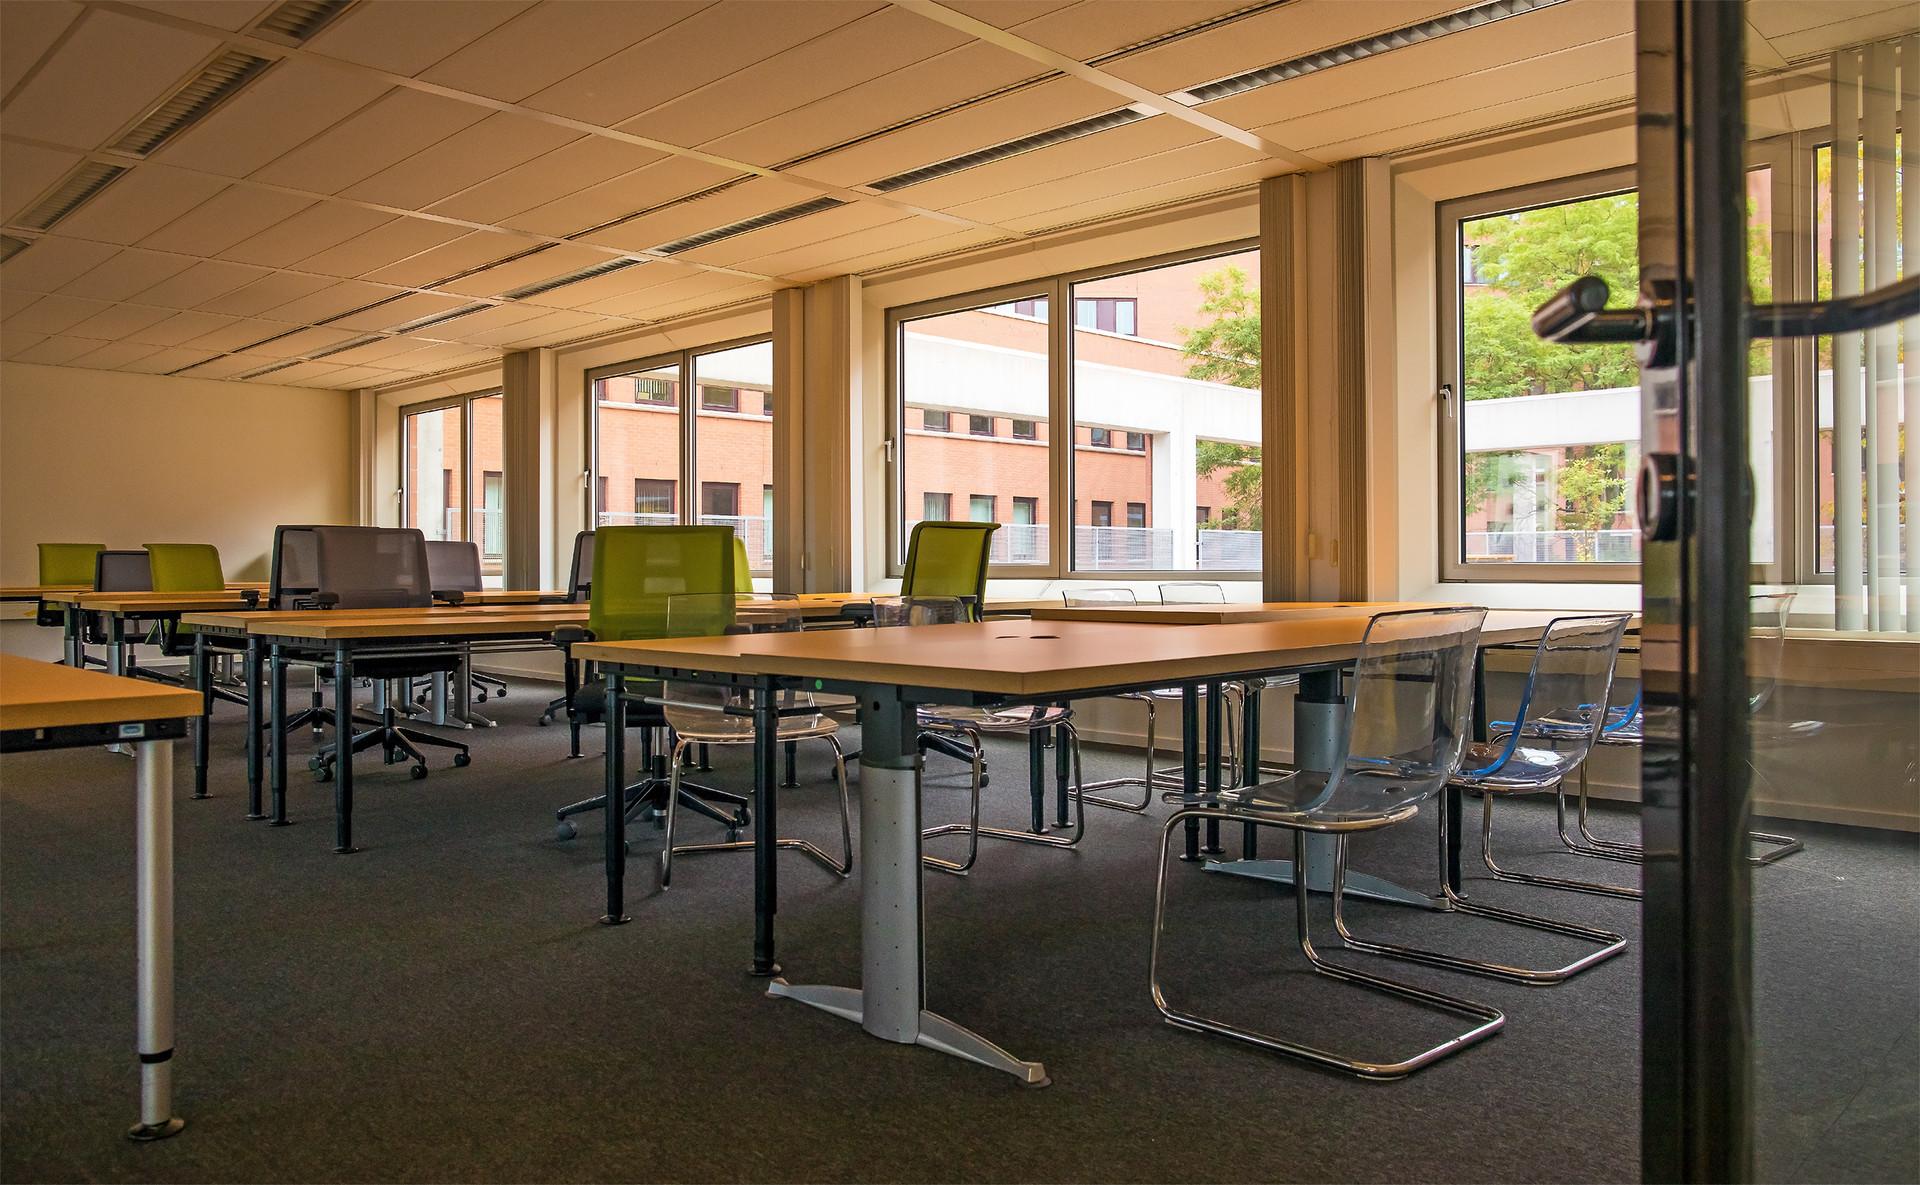 Kantoorruimte van 80m2 op de tweede etage van Q42 Den Haag, de zgn. Hub